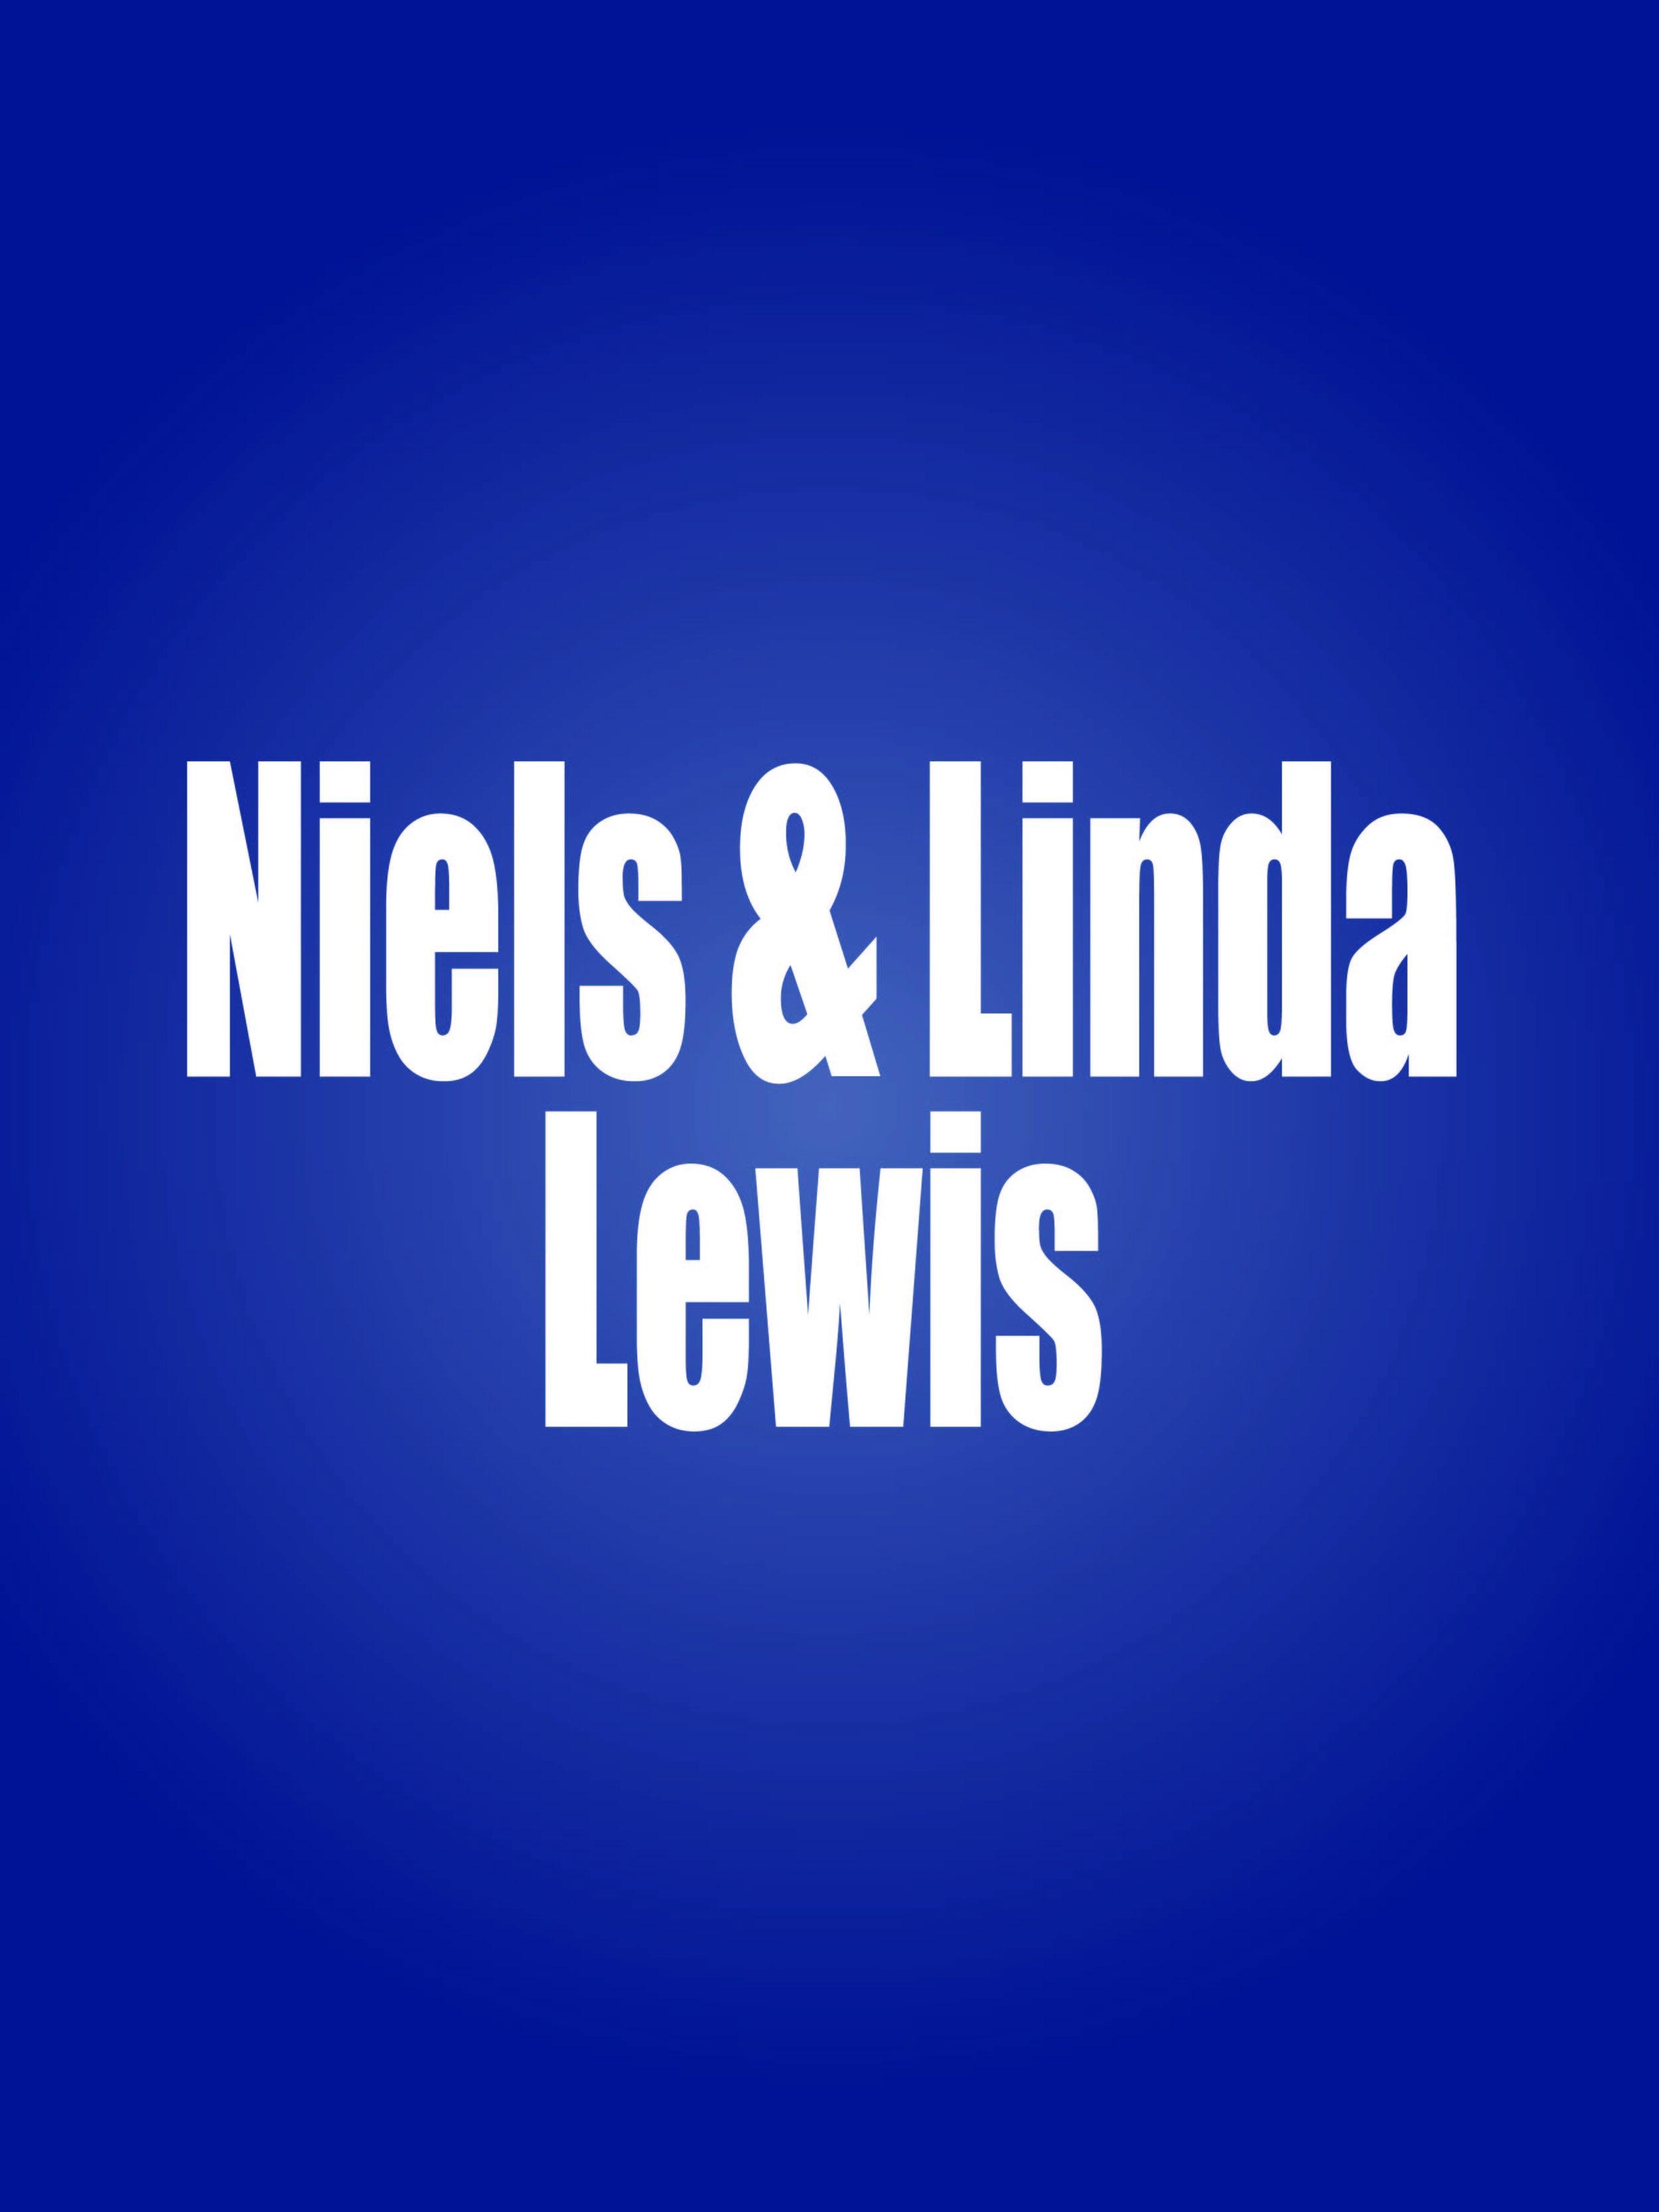 Lewis logo.jpg